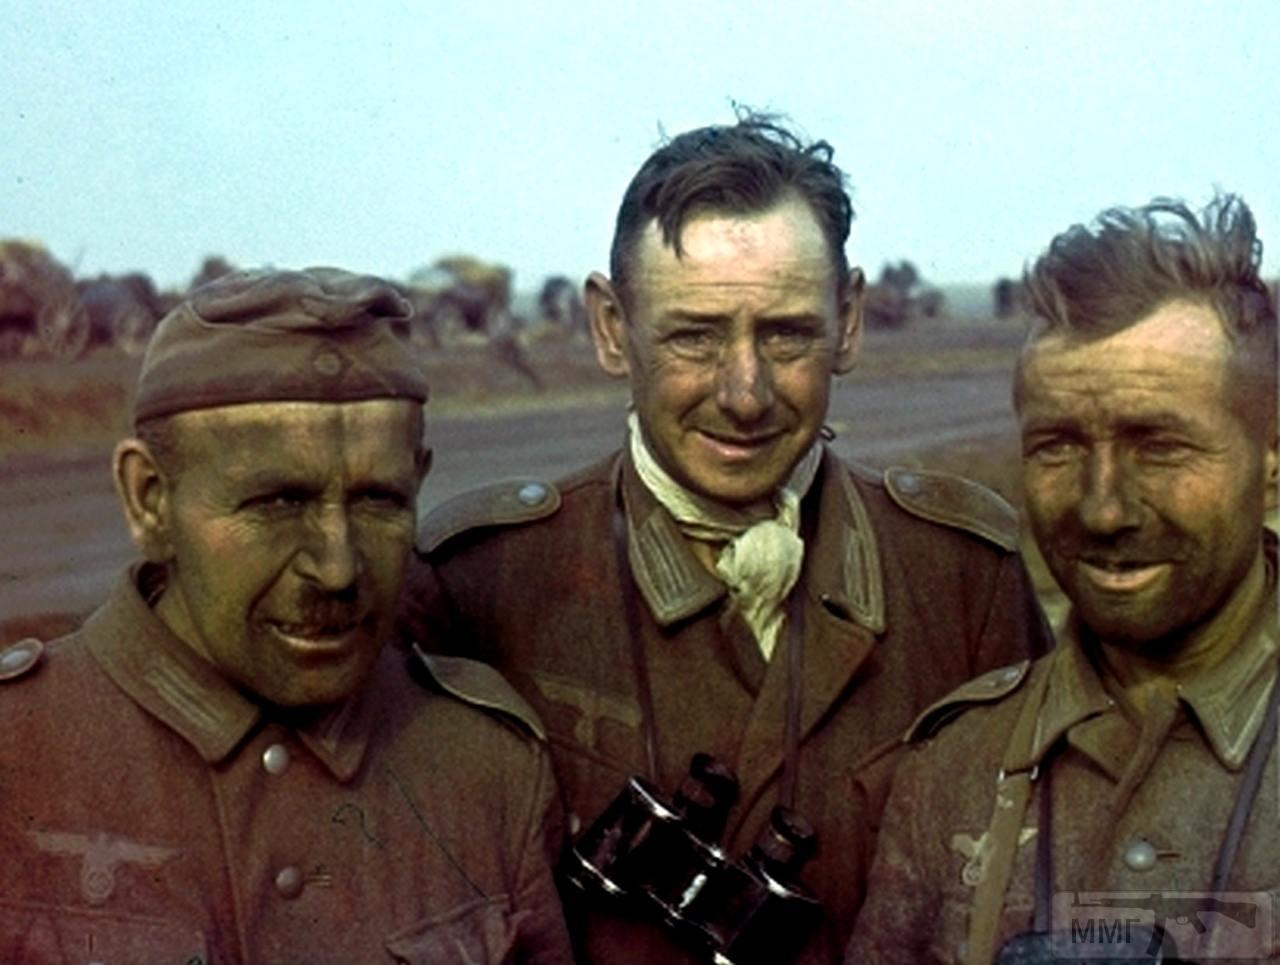 78355 - Военное фото 1941-1945 г.г. Восточный фронт.